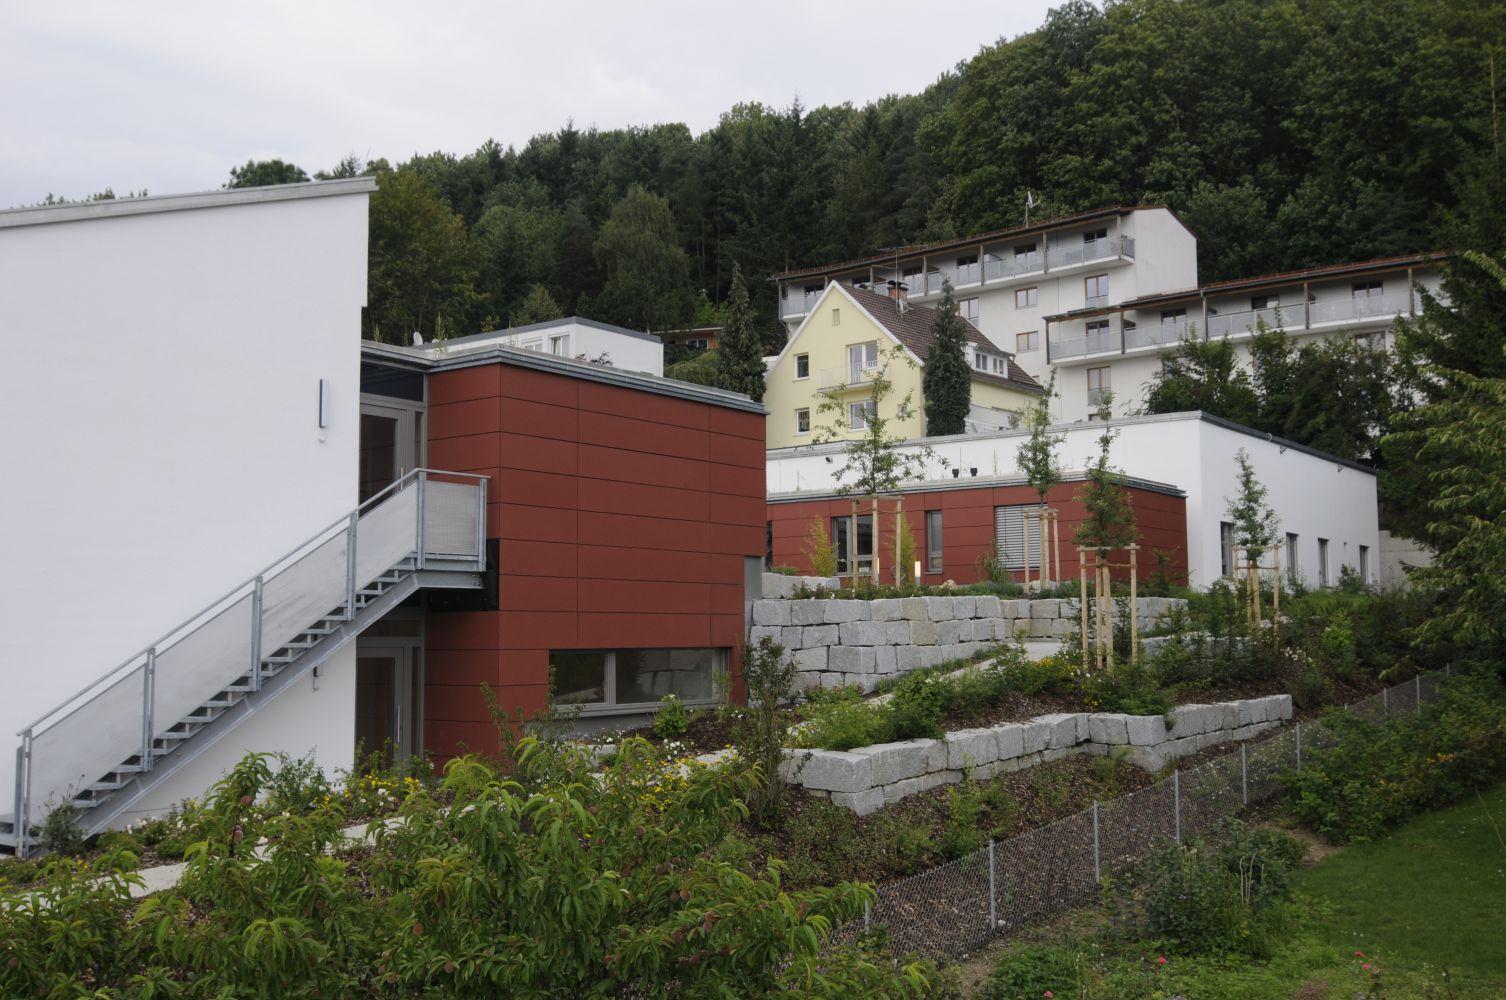 Bauen Für Menschen Mit Behinderung Wohnheim Bogen